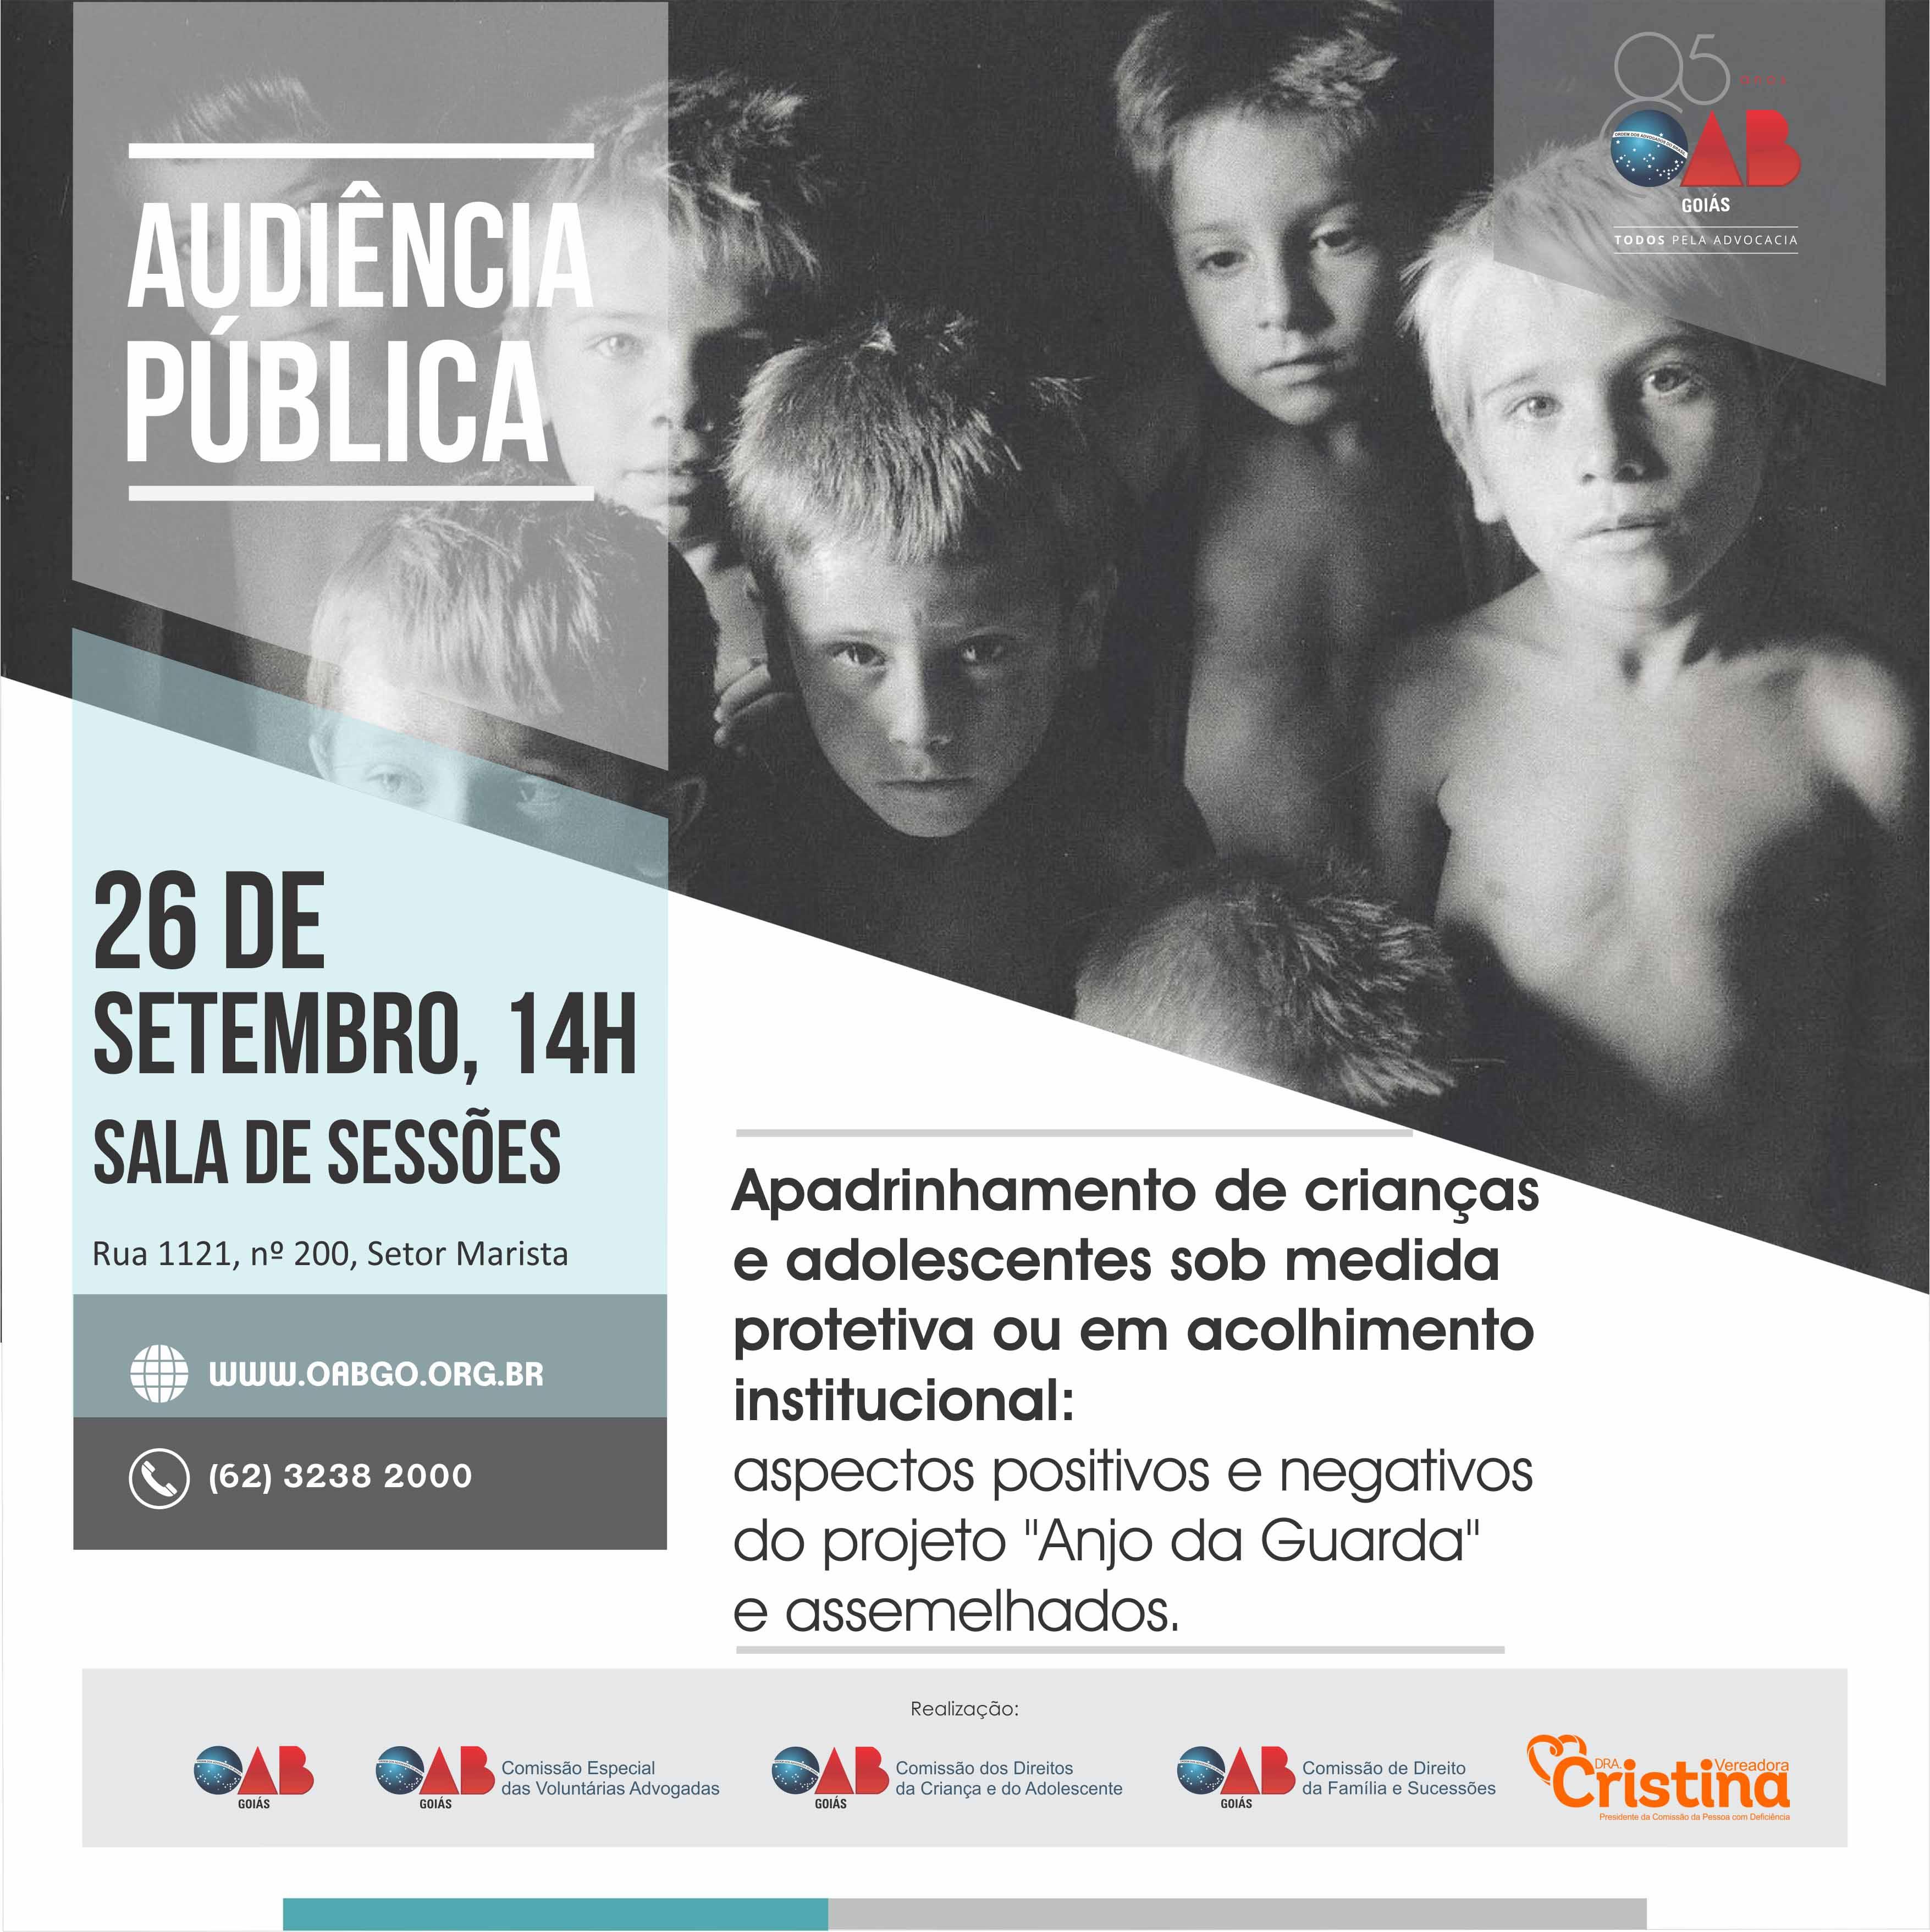 26.09 - Audiência Pública - Apadrinhamento de Crianças e Adolescentes Sob Medida Protetiva ou em Acolhimento Institucional